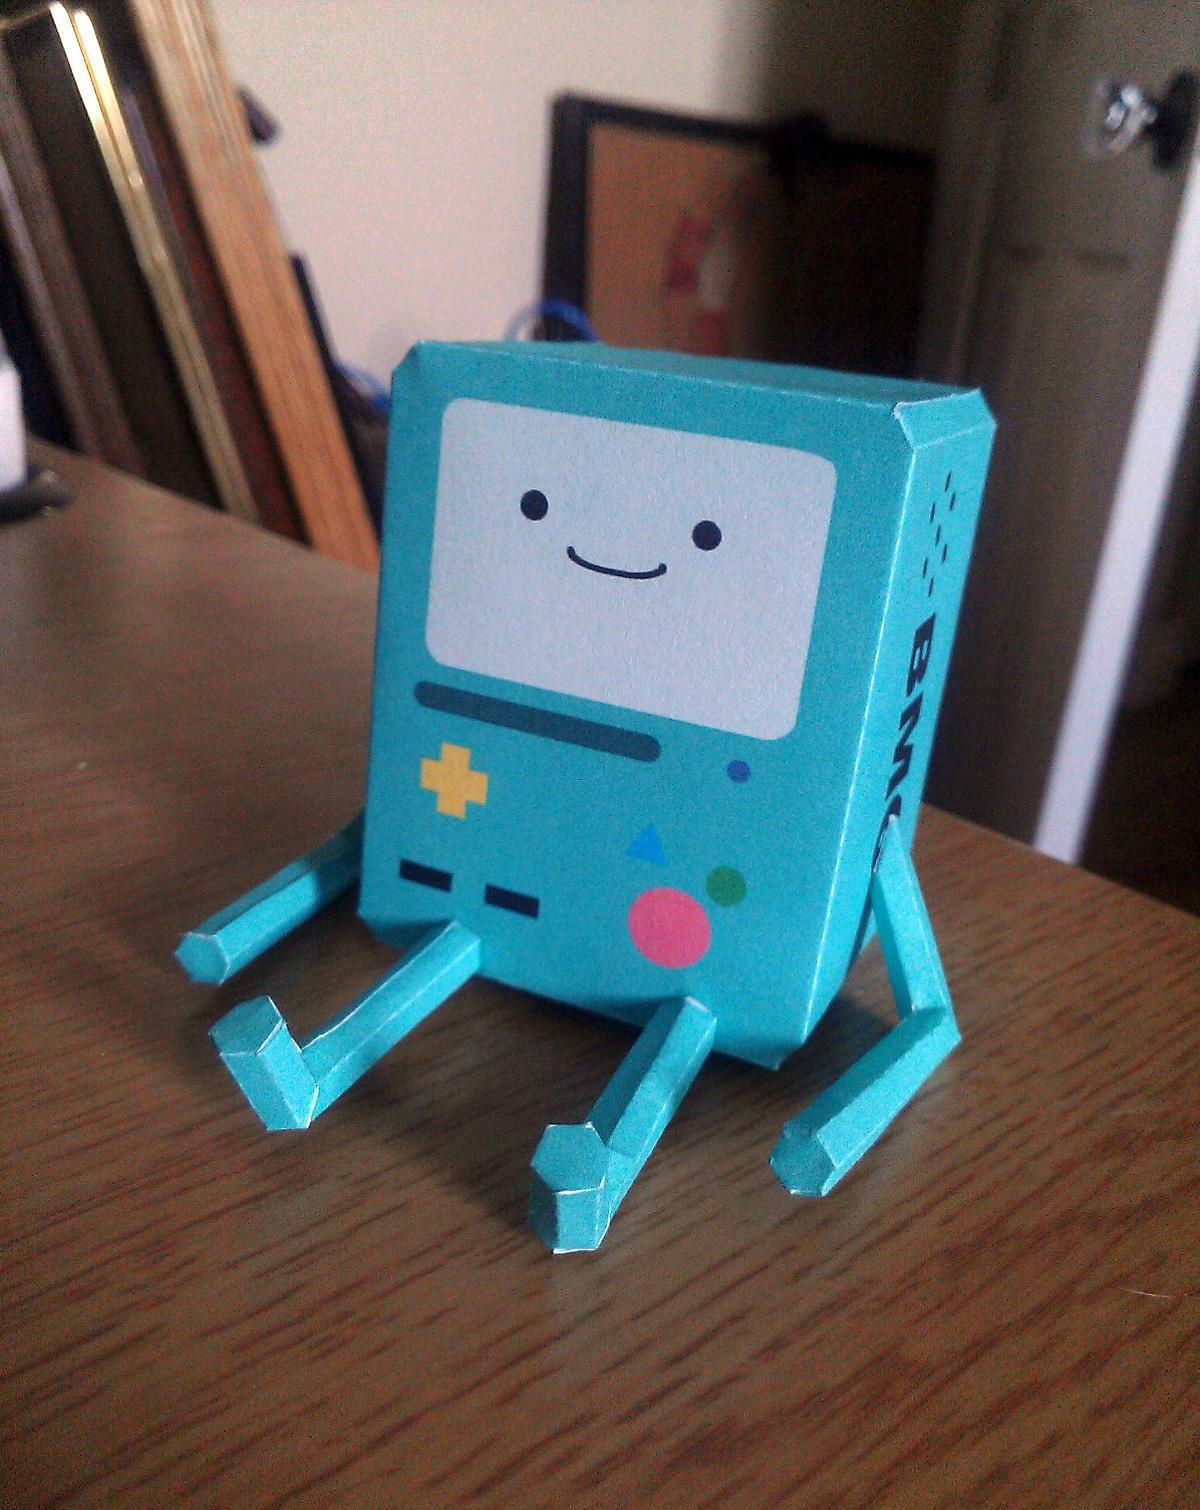 МК игрушка Джейк (Время приключений) - Pikabu 30